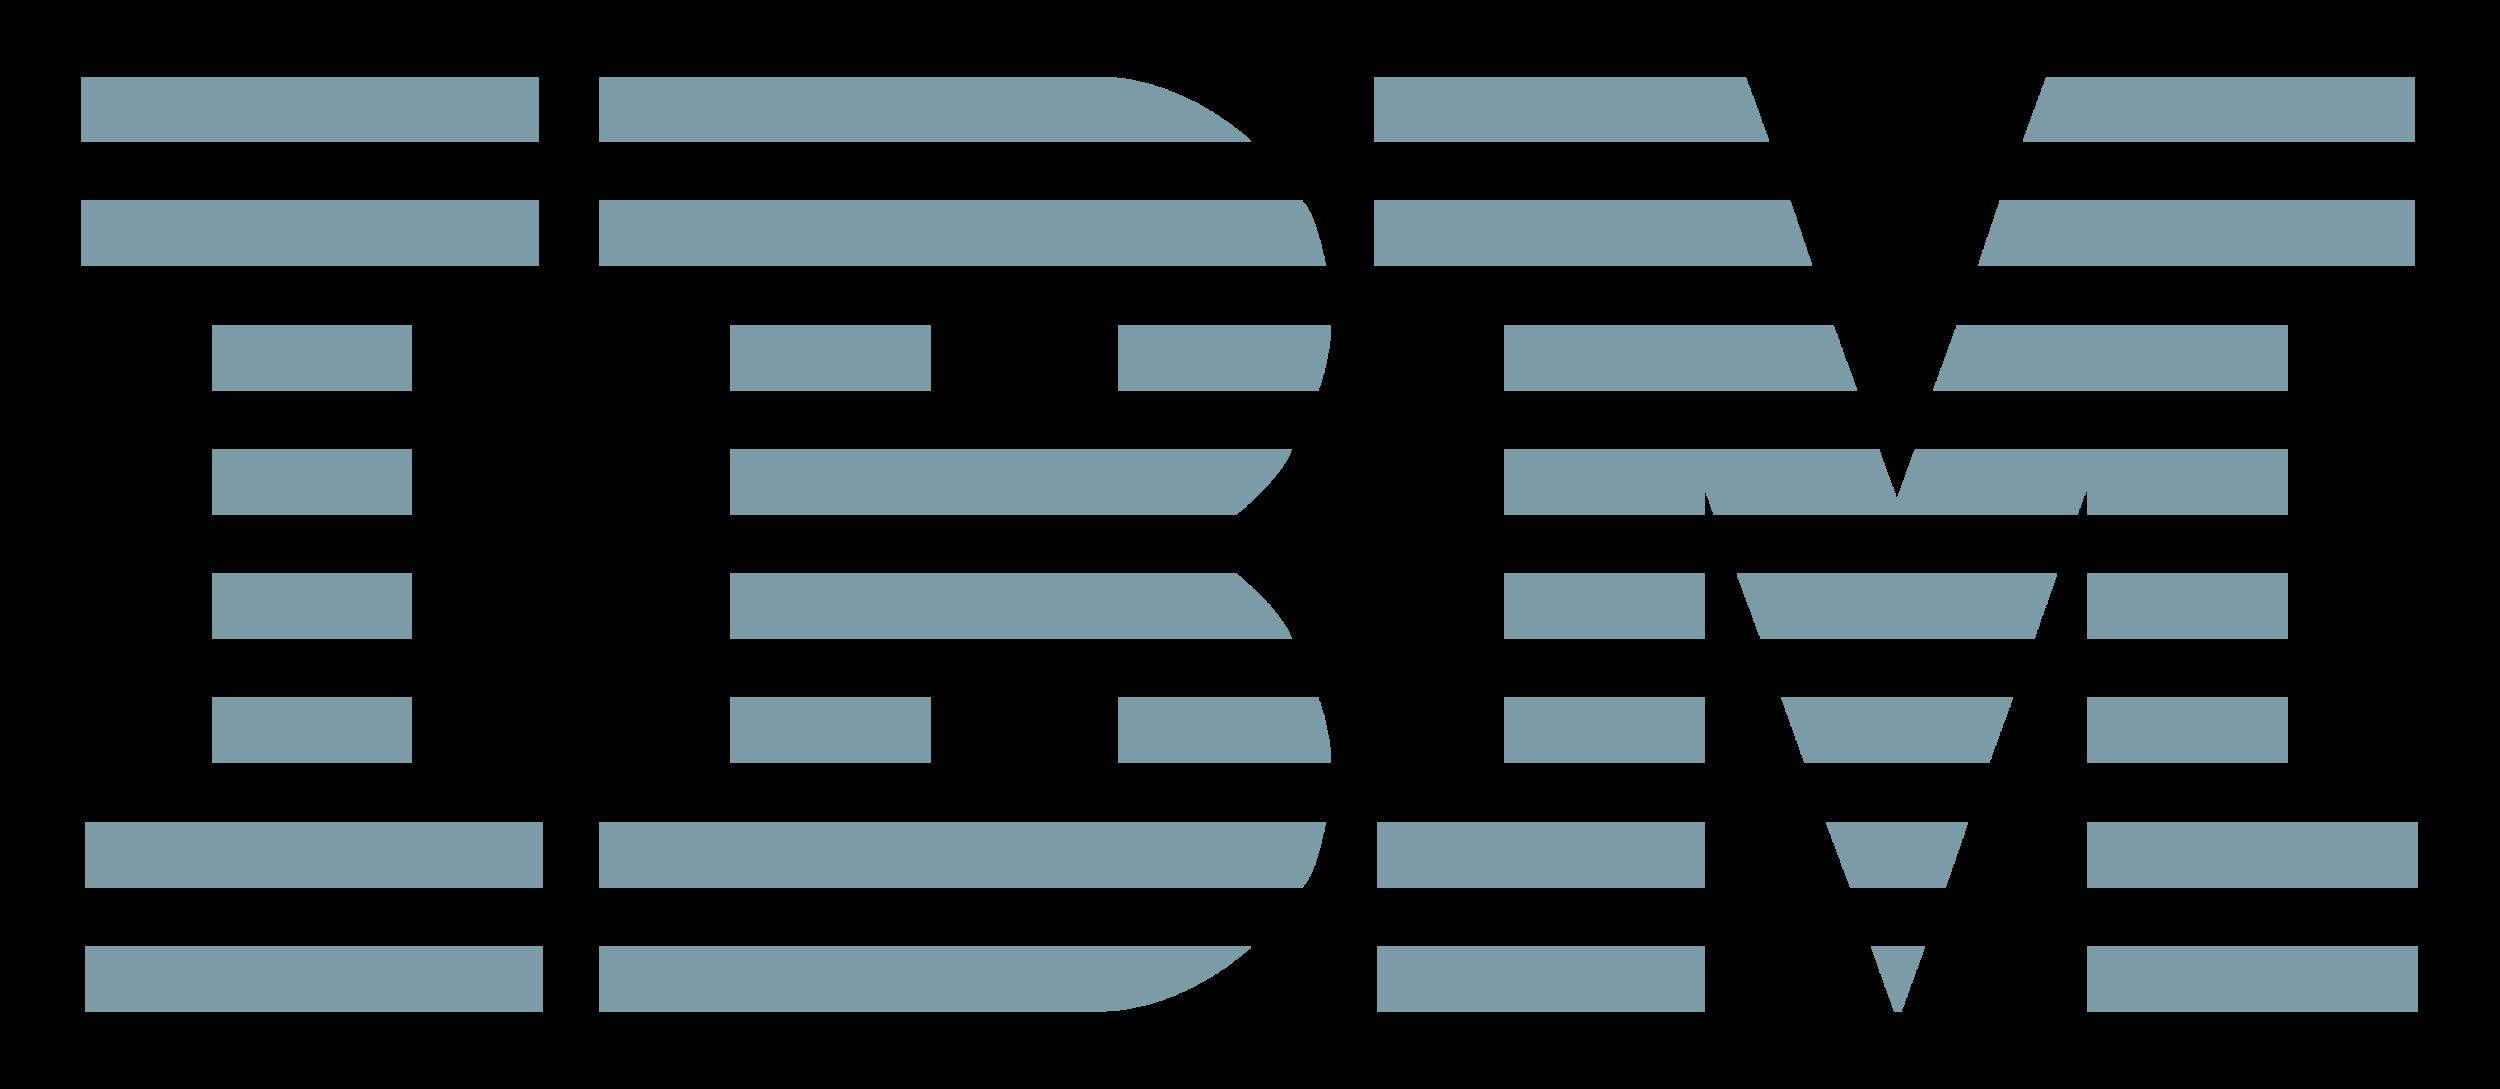 IBM logo color.png